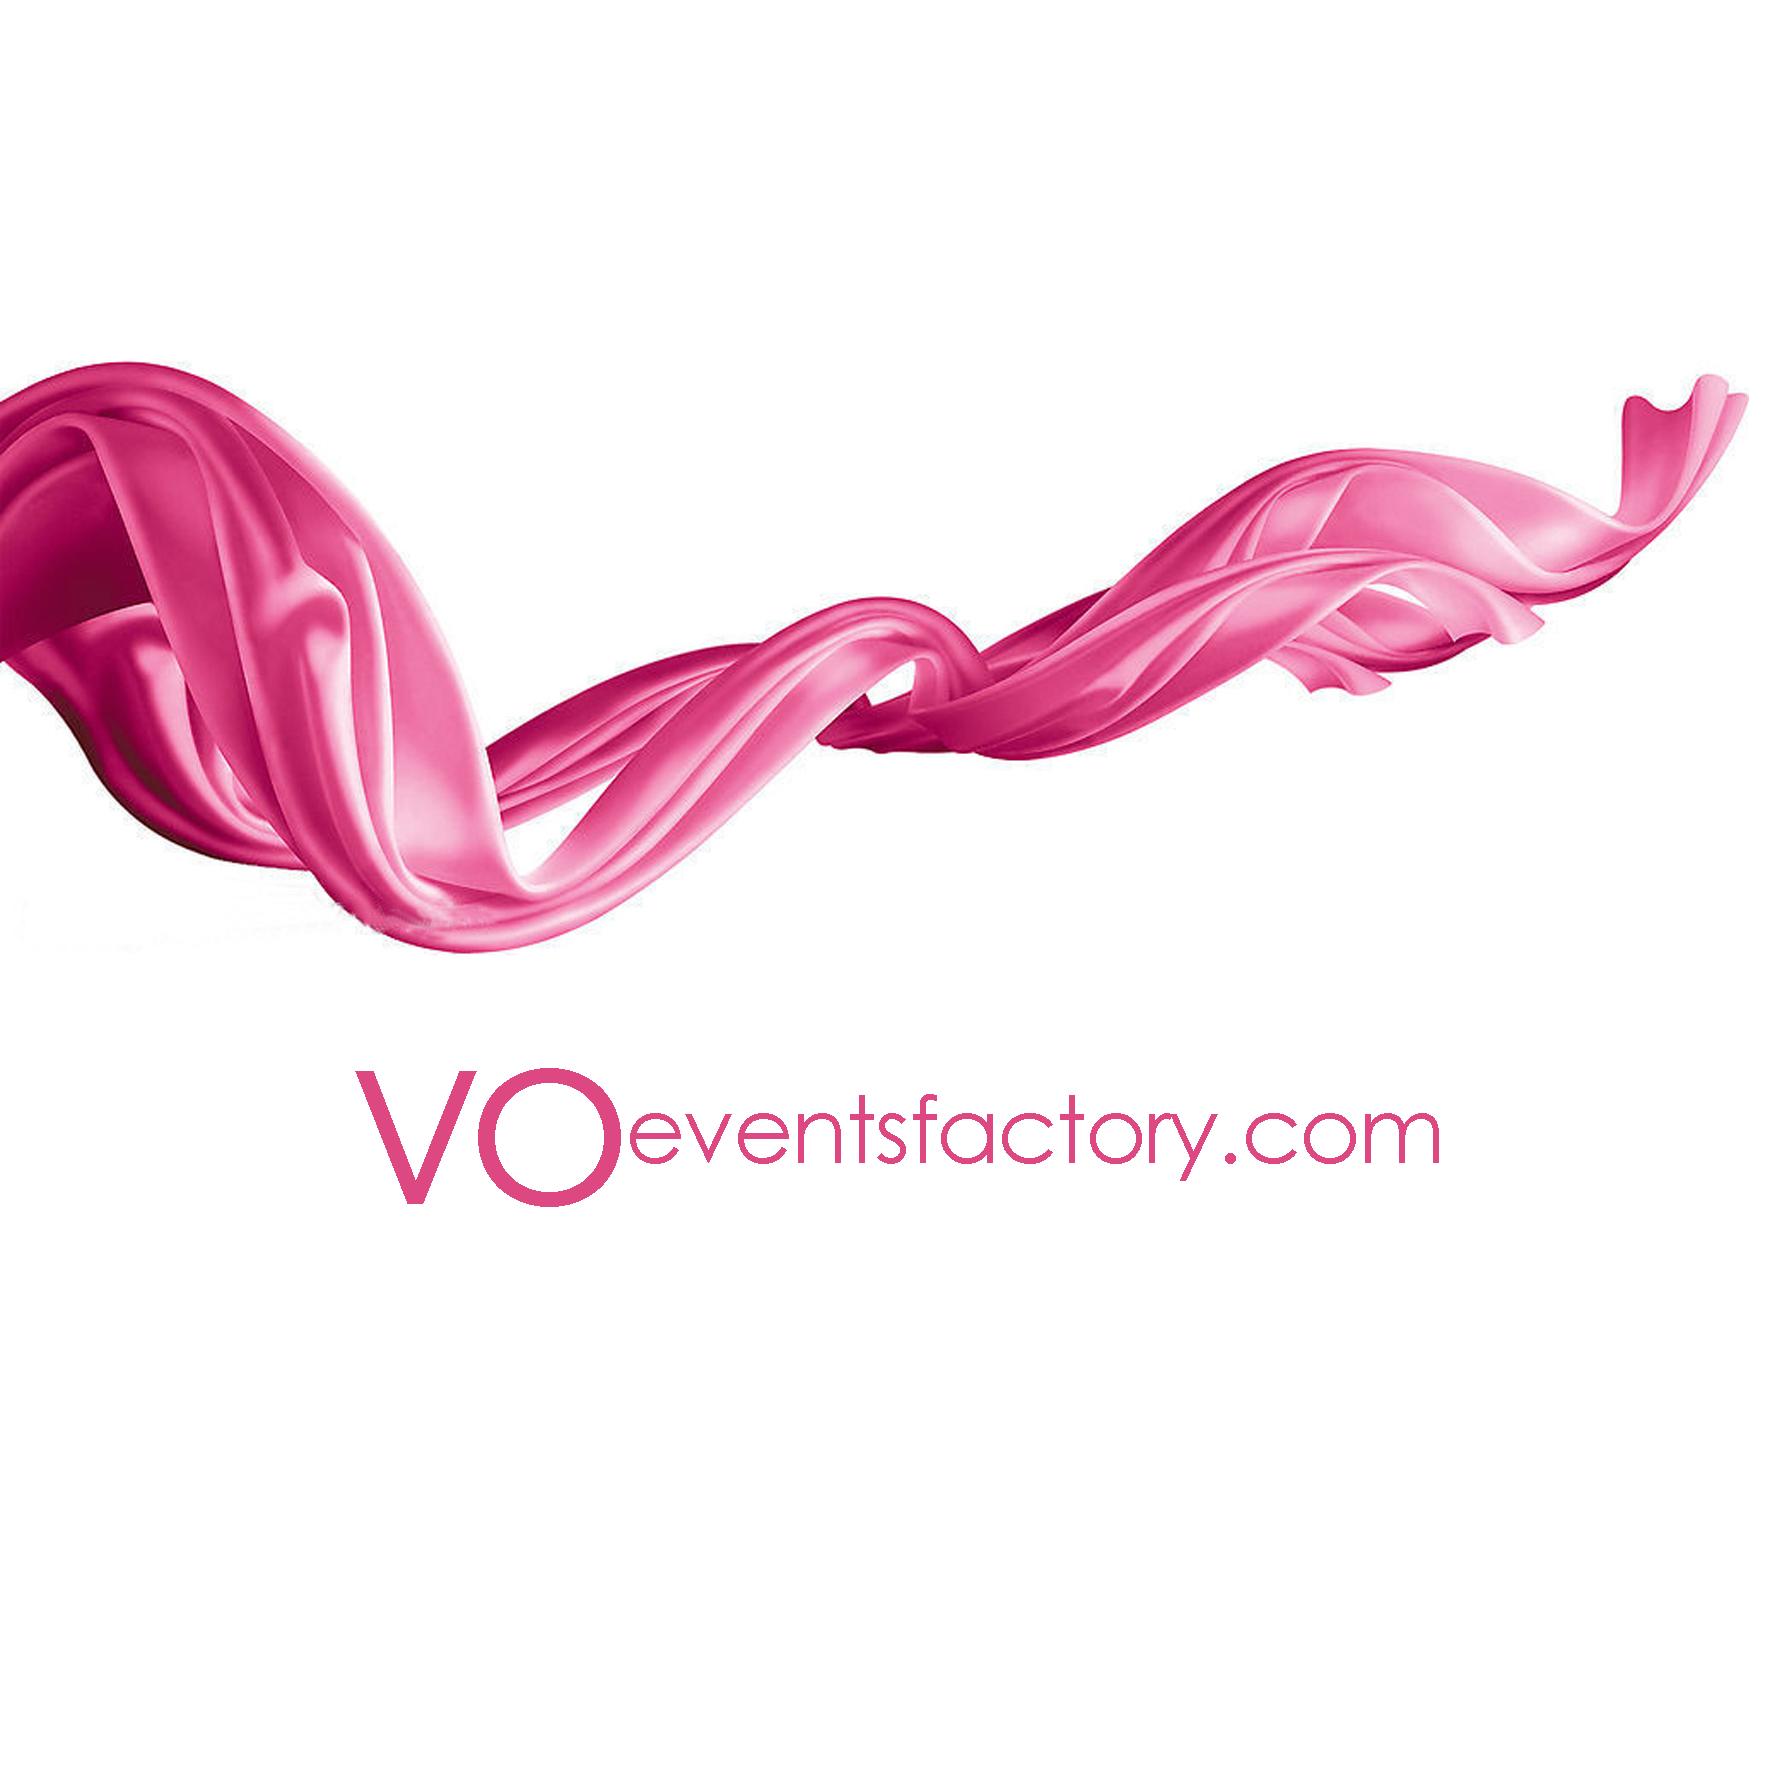 Voeventsfactory